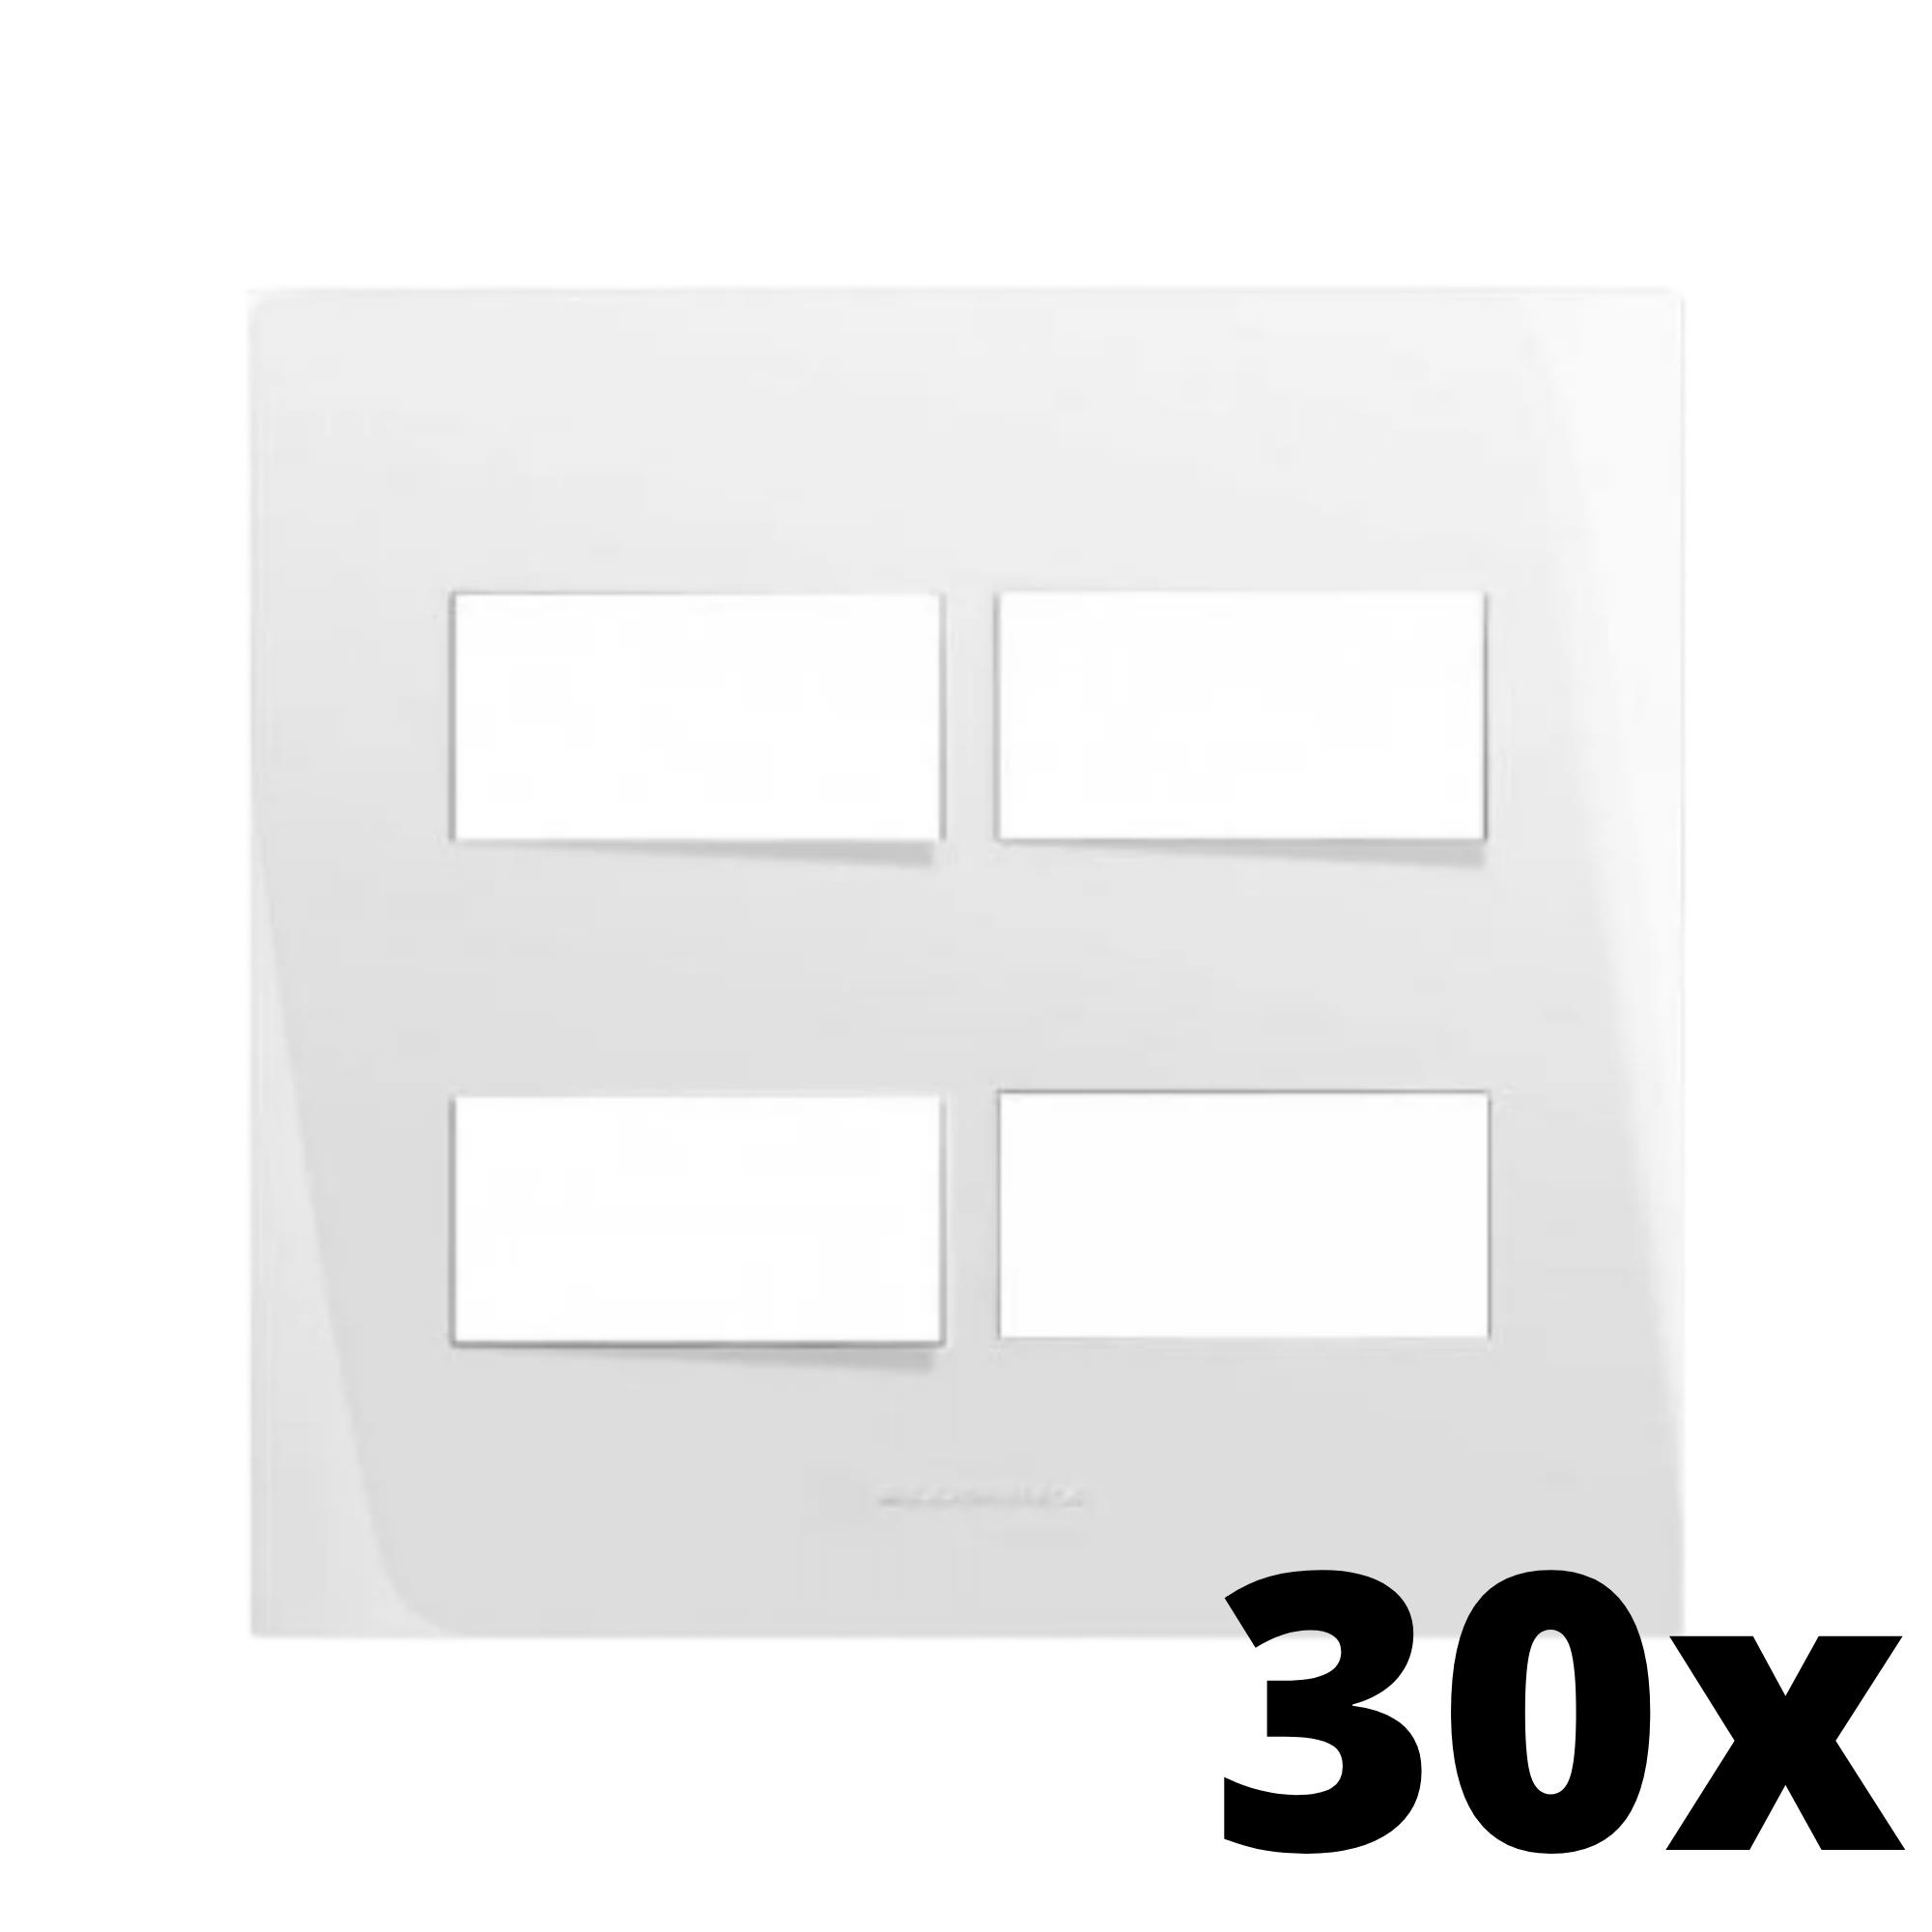 Kit 30 und Inova Pró Placa 4x4 2 Seções + 2 Seções